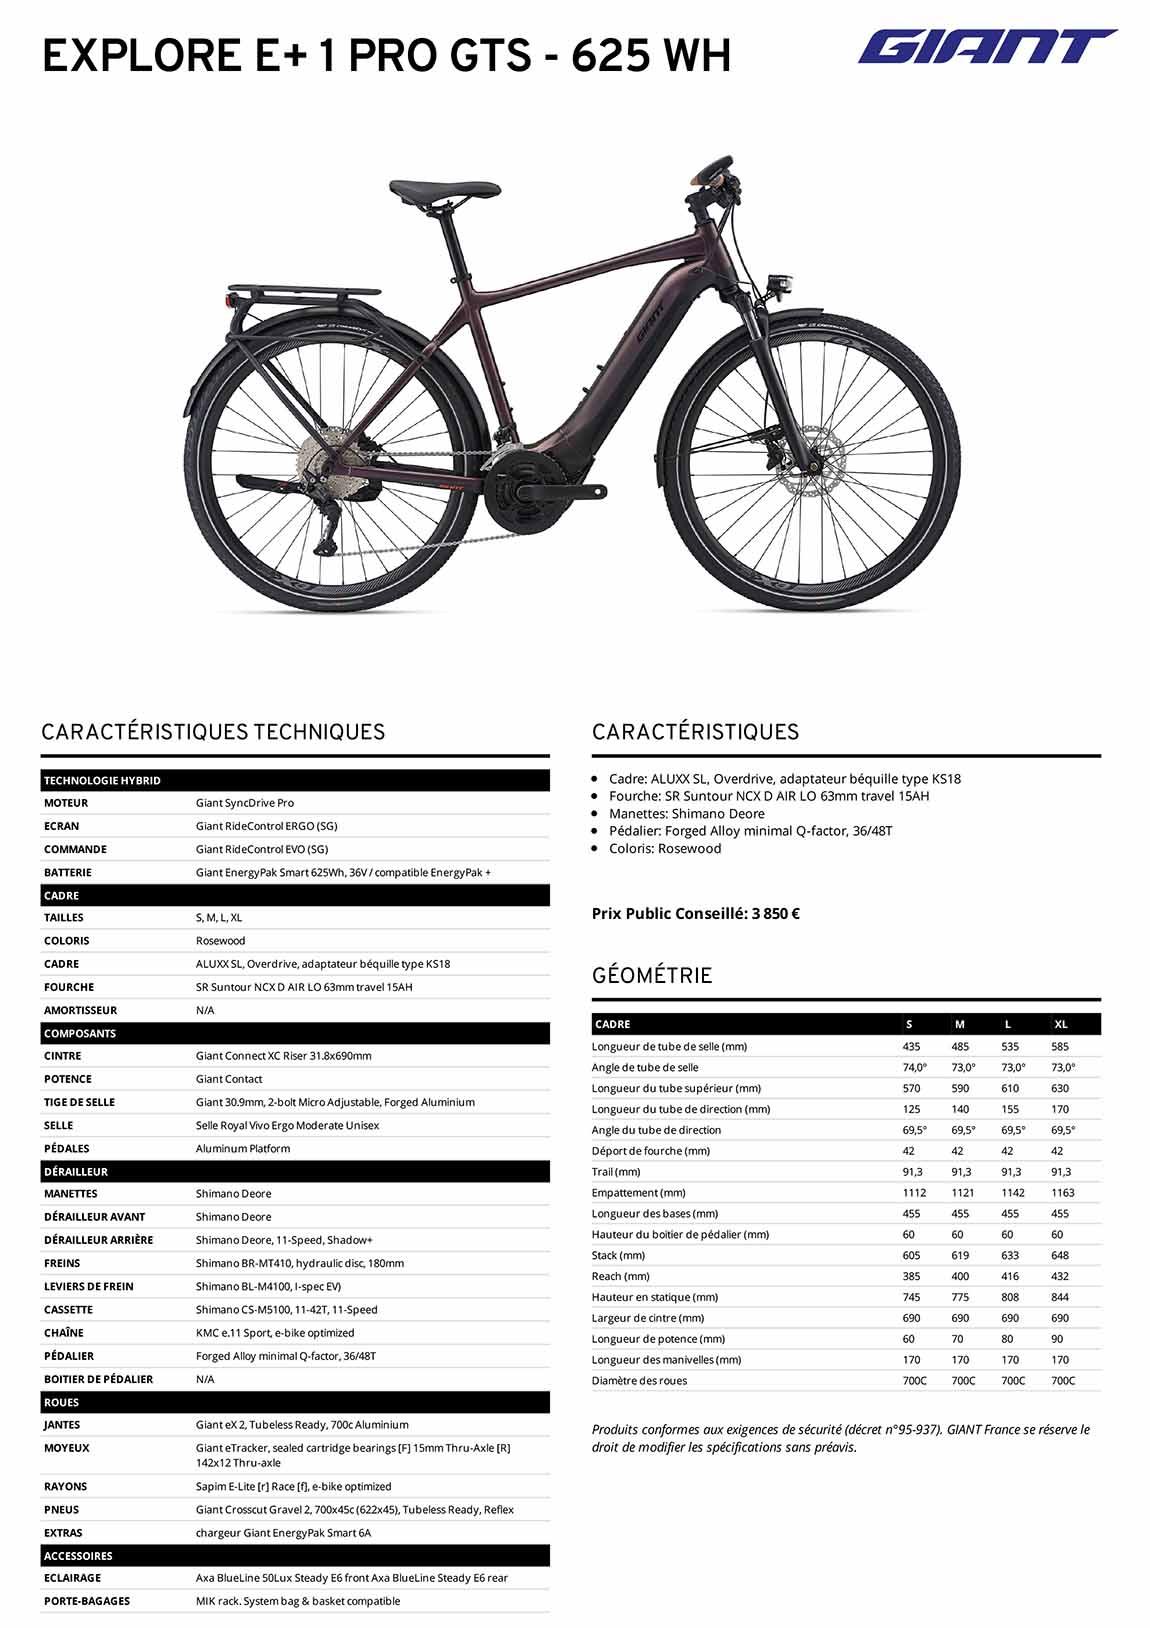 Fiche technique Vélo Giant Explore E+ 1 Pro GTS 2021